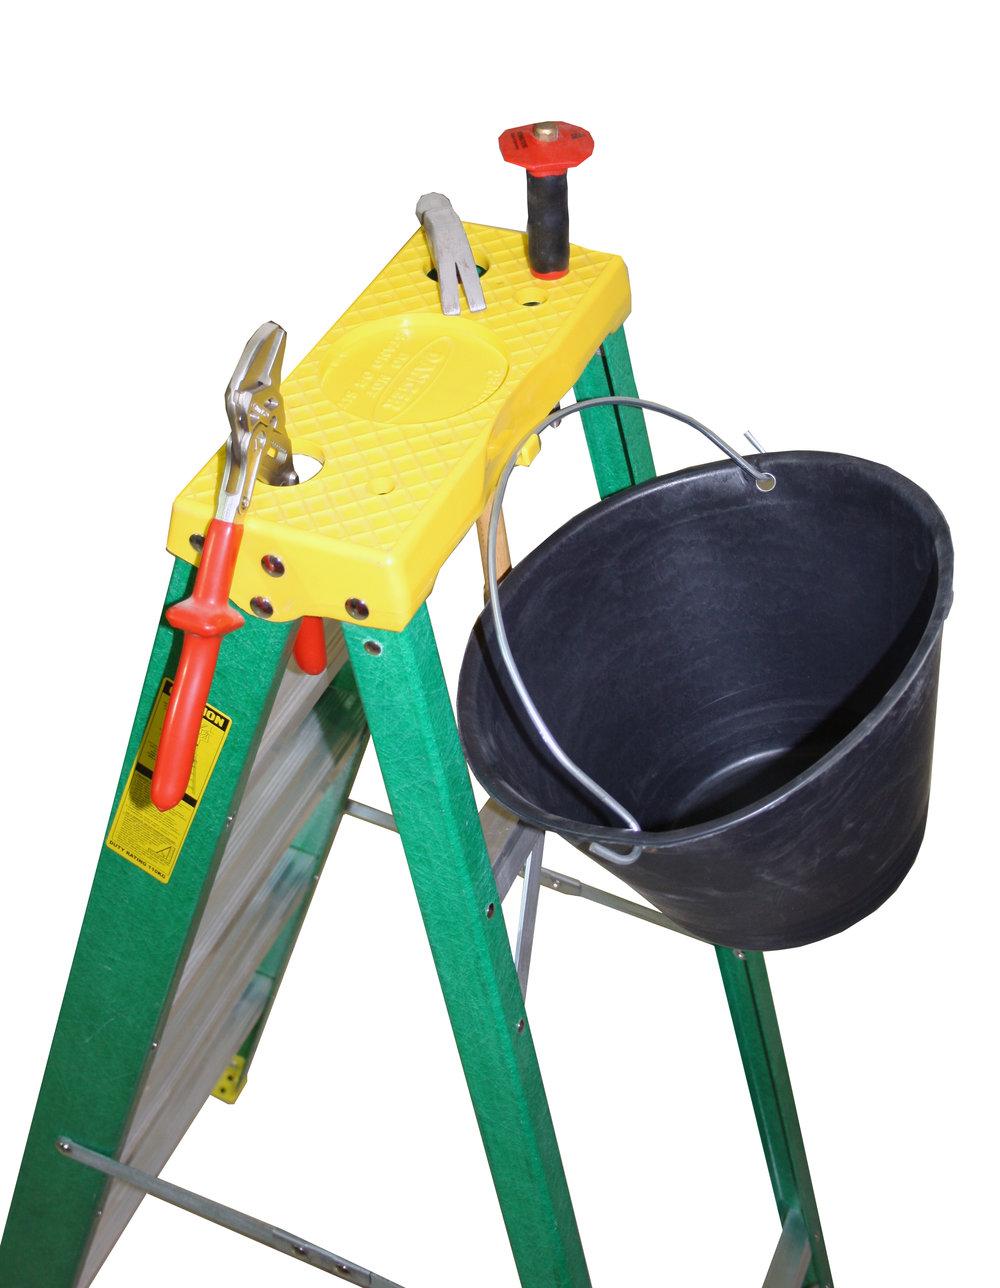 Tool tray-FGSSPT.jpg